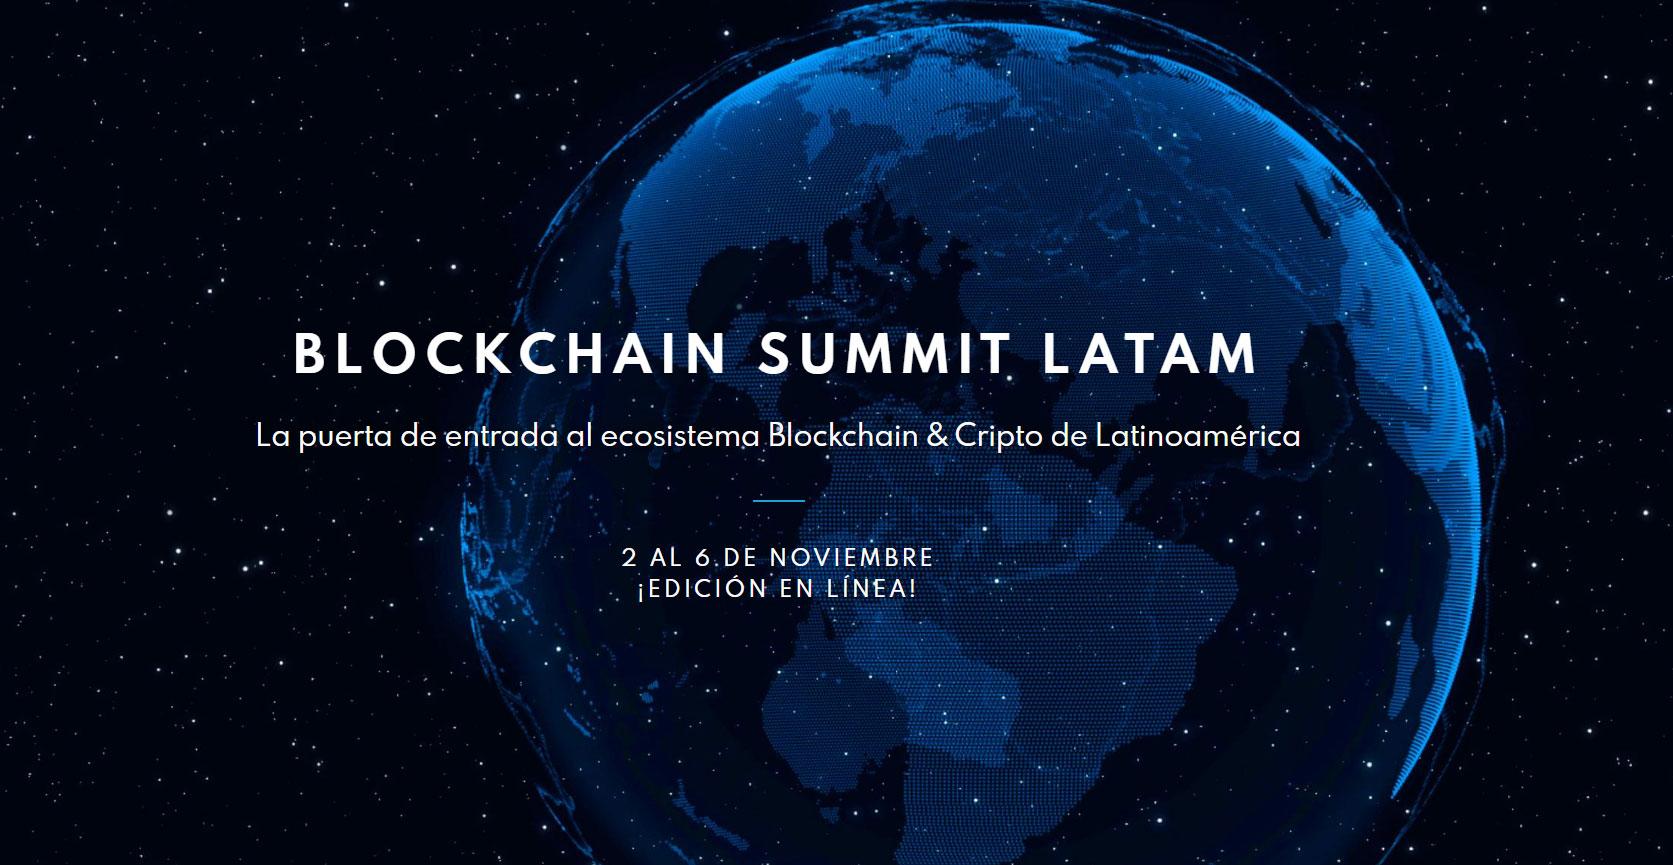 Blockchain Summit Latam 2020